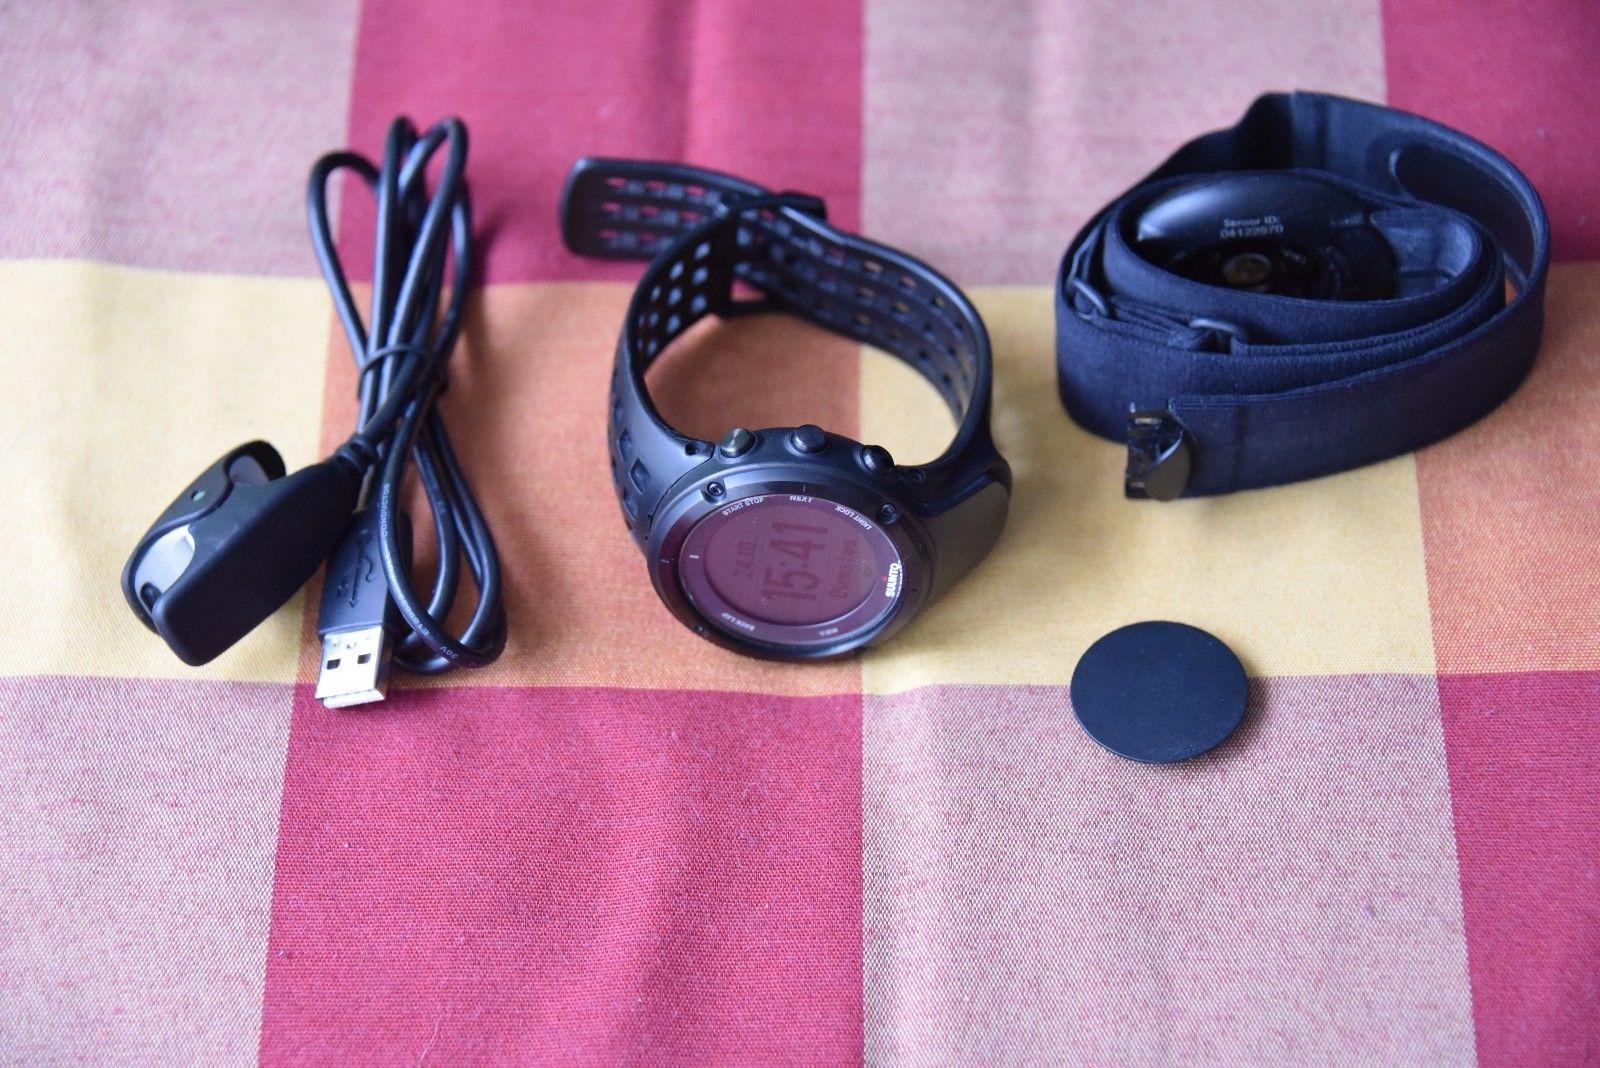 Suunto Ambit2 Black Schwarz mit HR Brustgurt GPS Navigationsuhr Laufcomputer